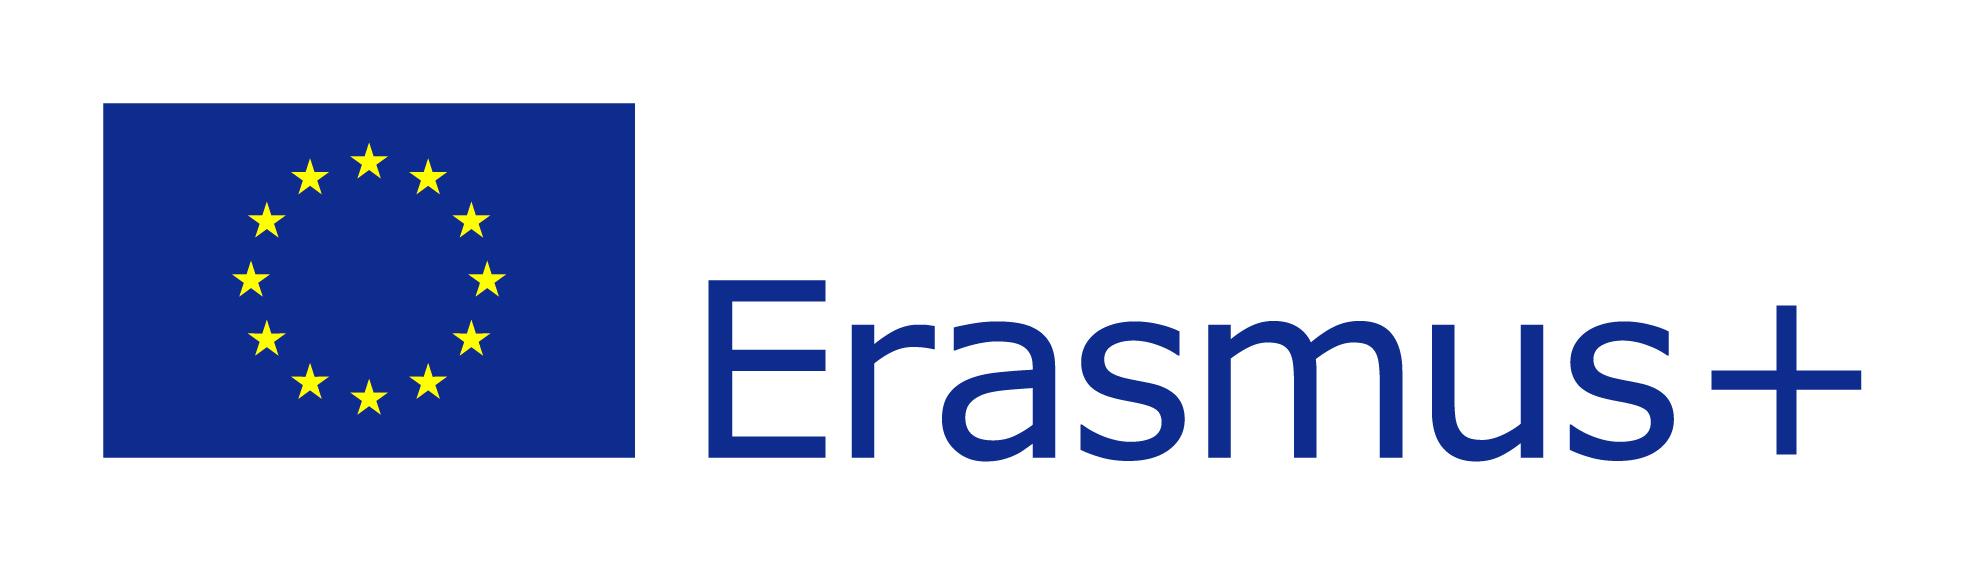 campus-ruetli-logo-erasmus-plus